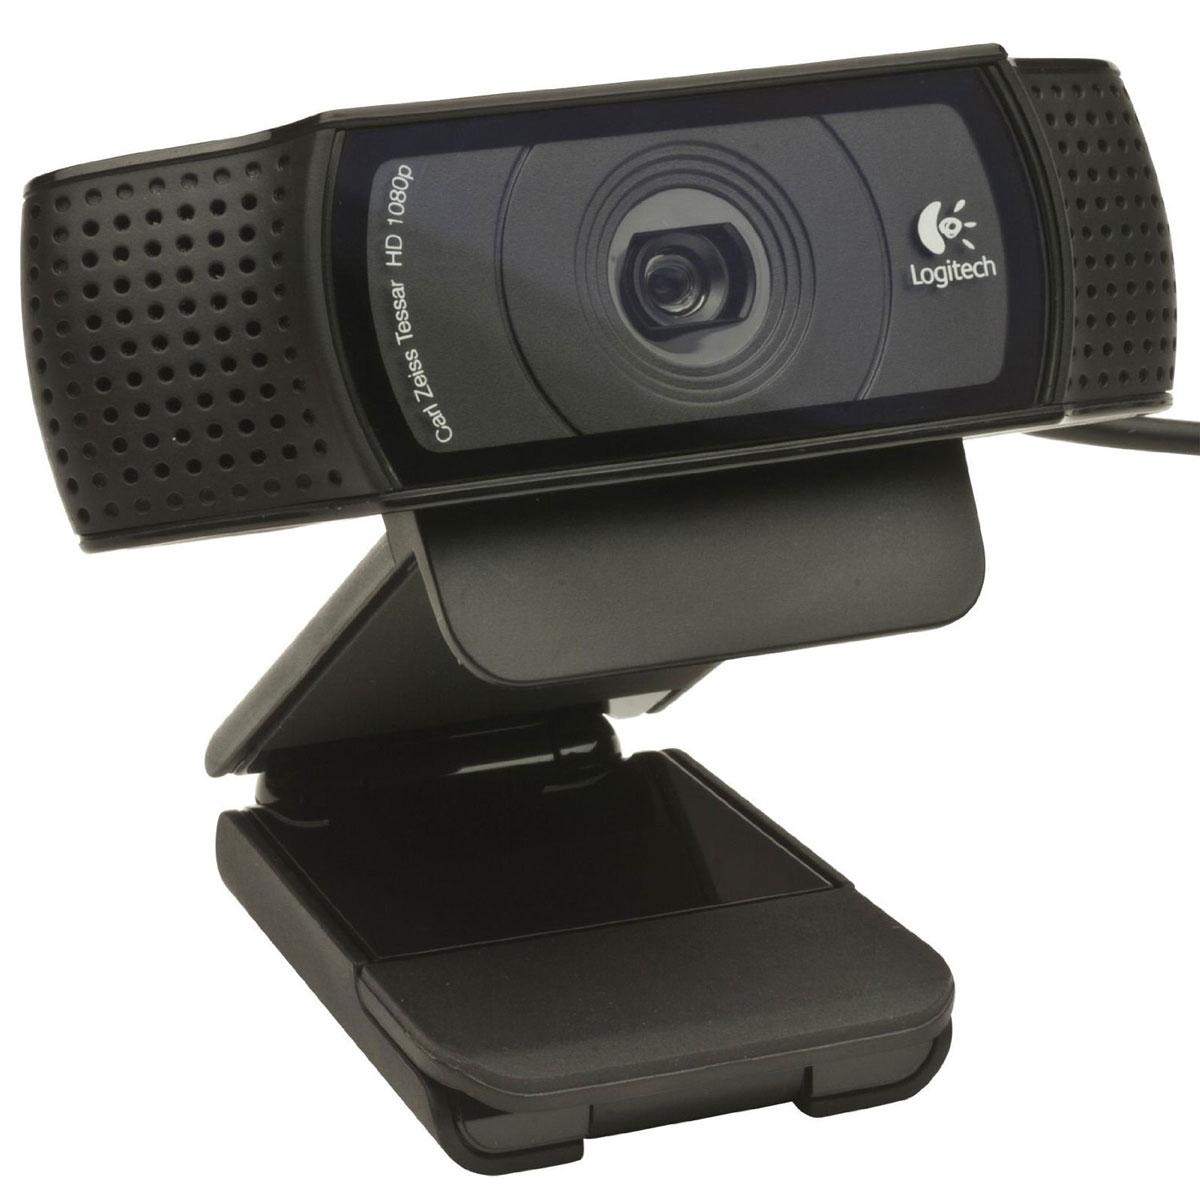 Logitech C920, Black веб-камера960-001055Общайтесь с помощью видеовызовов в формате Full HD 1080p по Skype или видеовызовов в формате HD 720p по FaceTime для Mac.Также осуществляйте высококачественные видеовызовы в Google Hangouts и других приложениях для видеосвязи. Общайтесь со своими друзьями с Facebook, используя функцию видеосвязи в Skype или Facebook Messenger.Записывайте качественные и реалистичные видеоклипы в формате HD 1080p, в которых видны мельчайшие детали. Поддержка формата Full HD достигается благодаря инновационной технологии сжатия по стандарту H.264.Стандарт H.264 ускоряет процедуру сжатия, обеспечивая быструю и плавную загрузку видео, для которой не требуется дополнительных системных ресурсов.Убедитесь, что собеседники слышат ваш настоящий голос. Два микрофона по обе стороны веб-камеры создают естественное стереозвучание.Стеклянный объектив с 5 линзами обеспечивает невероятную четкость изображения, а система автофокусировки премиум-класса отличается плавностью и четкостью регулировки, что дает возможность передавать видео с высоким разрешением без разрывов и искажений.